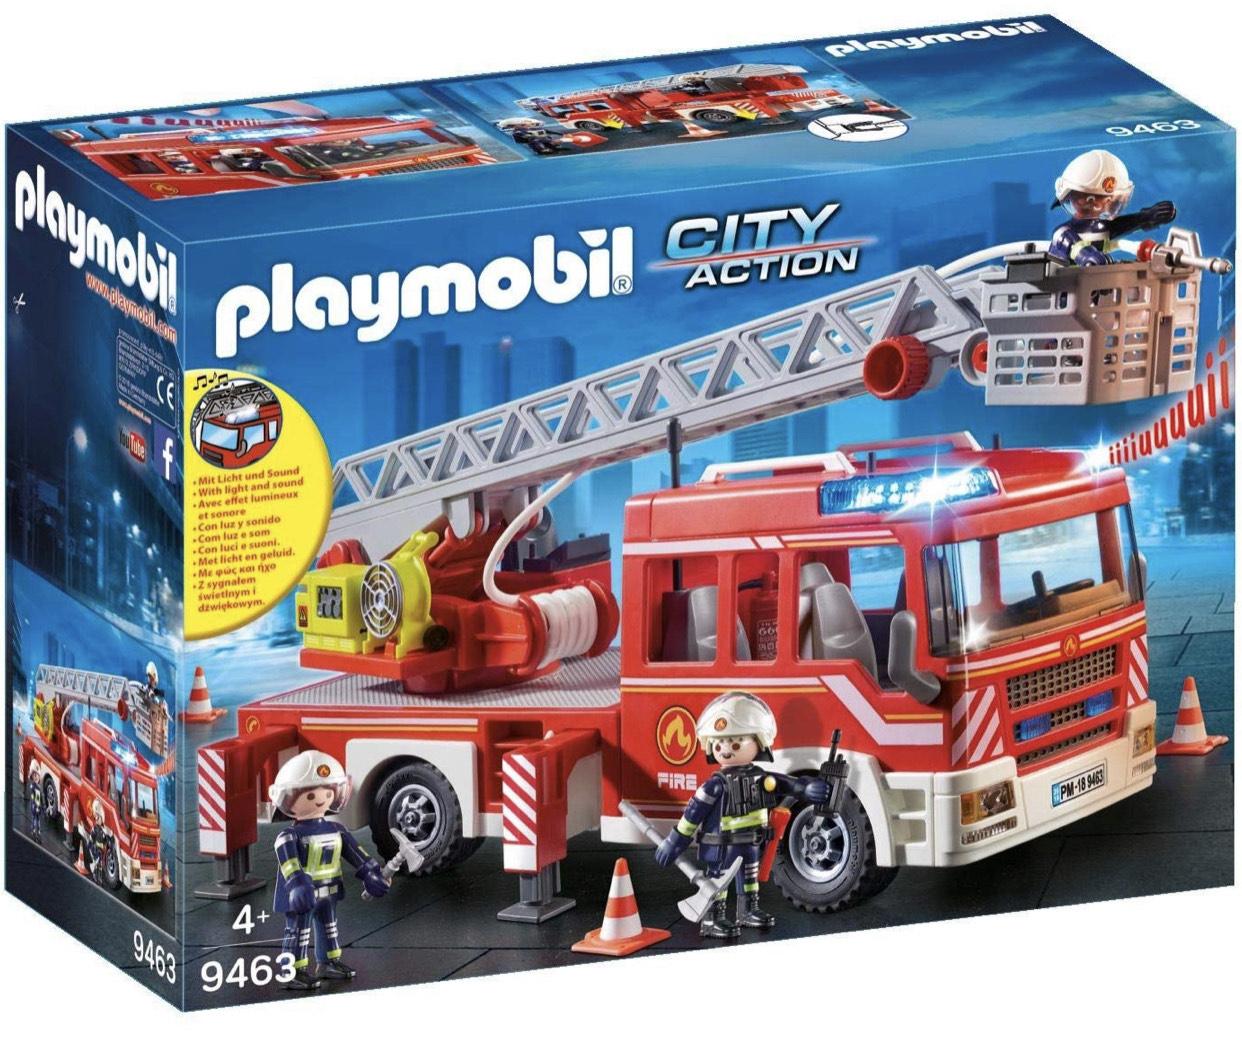 Playmobil City Action - Feuerwehr-Leiterfahrzeug (9463)